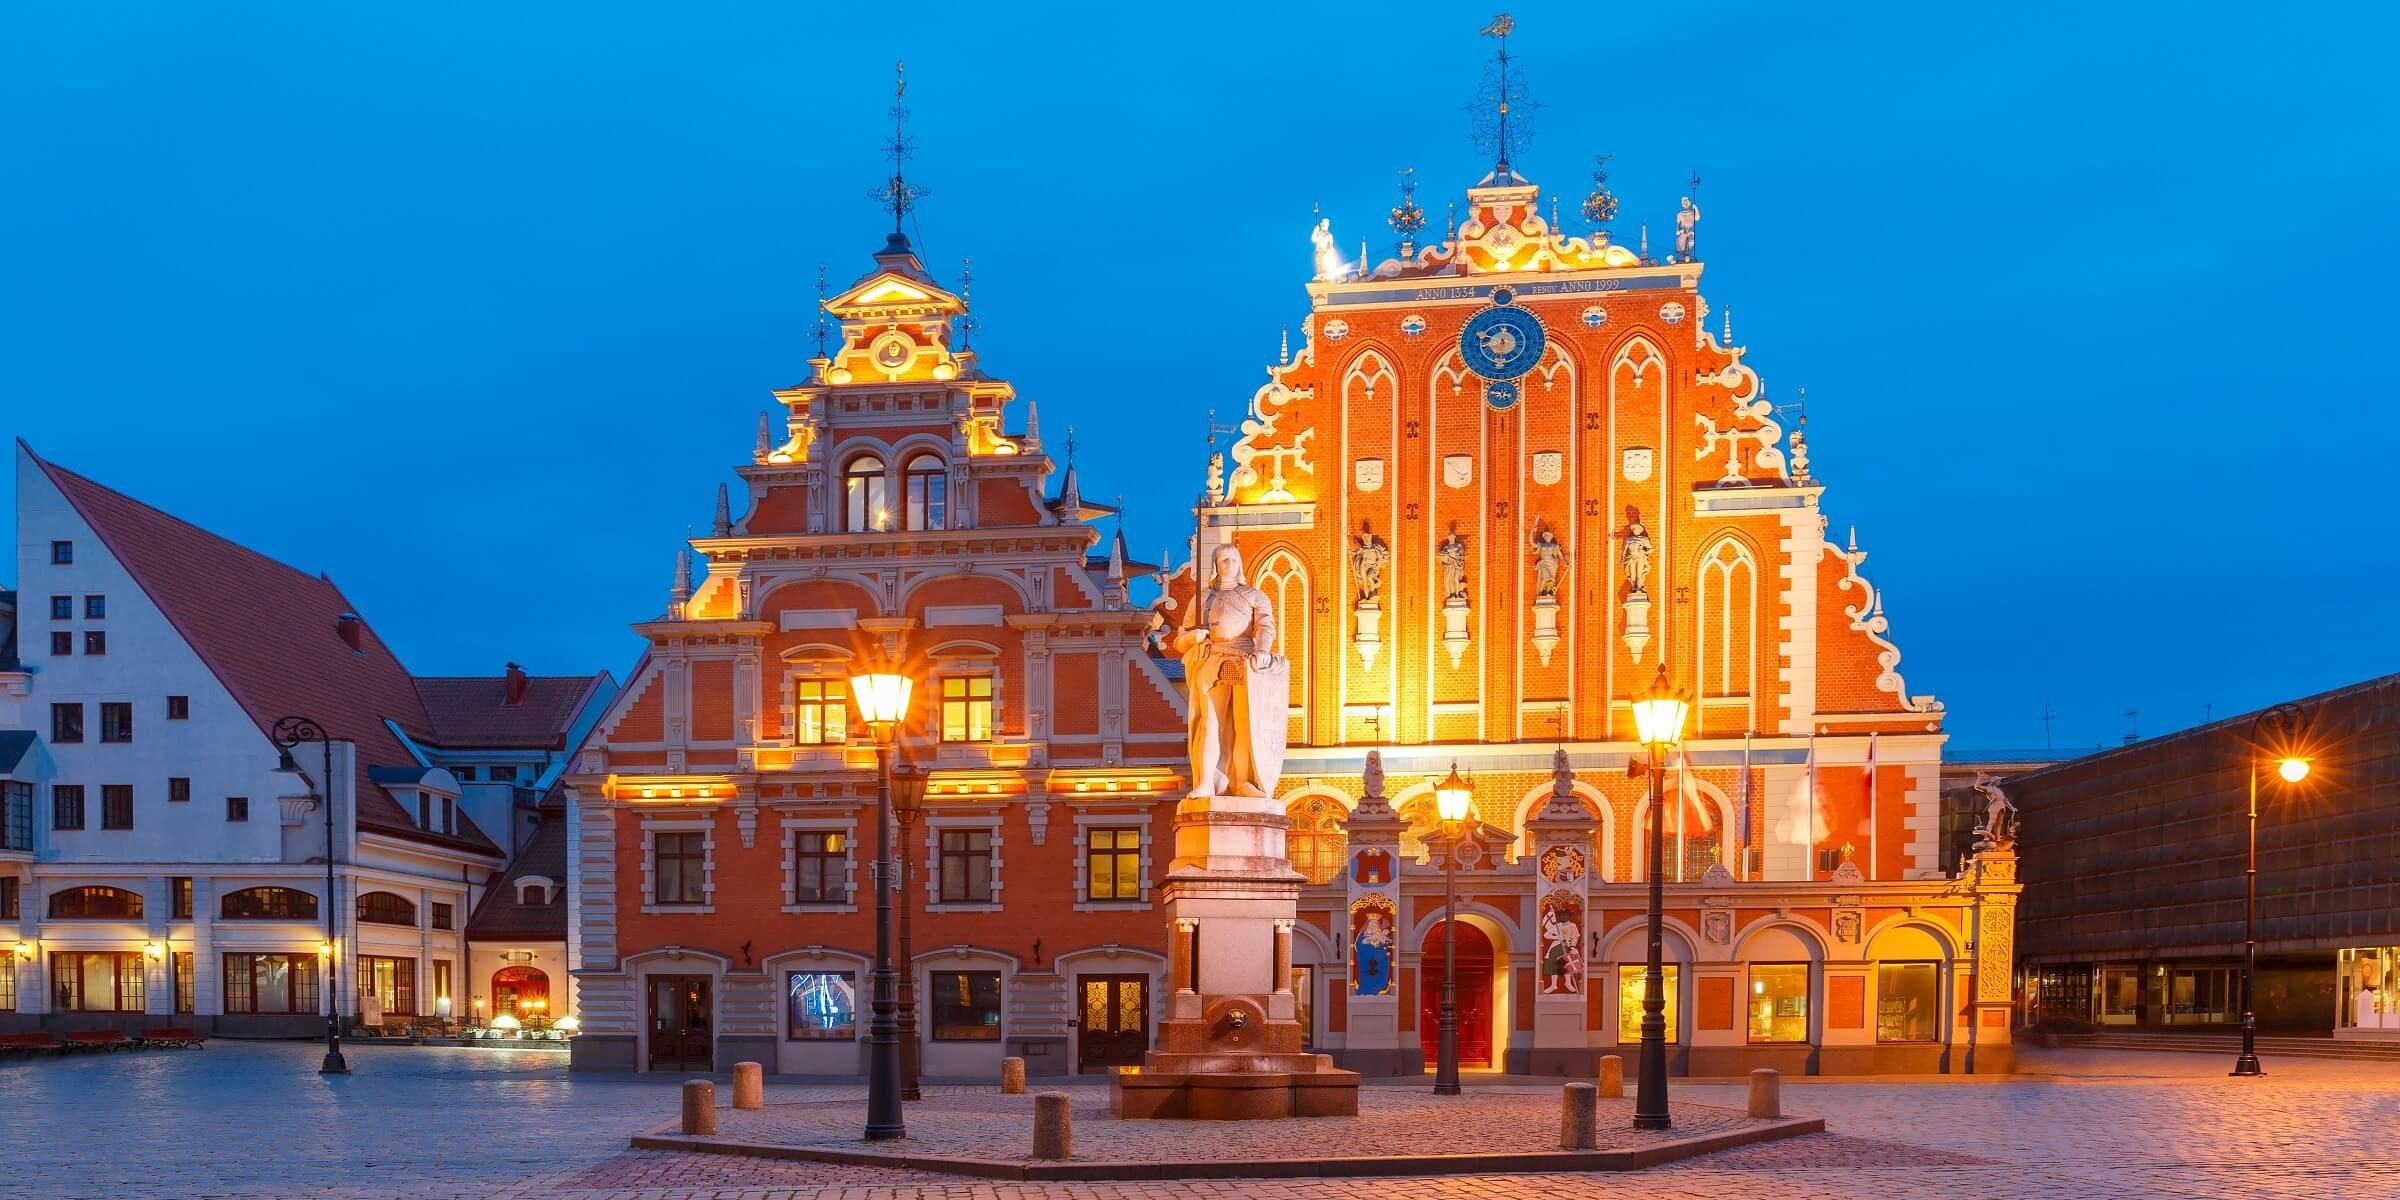 Der Rathausplatz mit Haus der Blackheads in Lettland